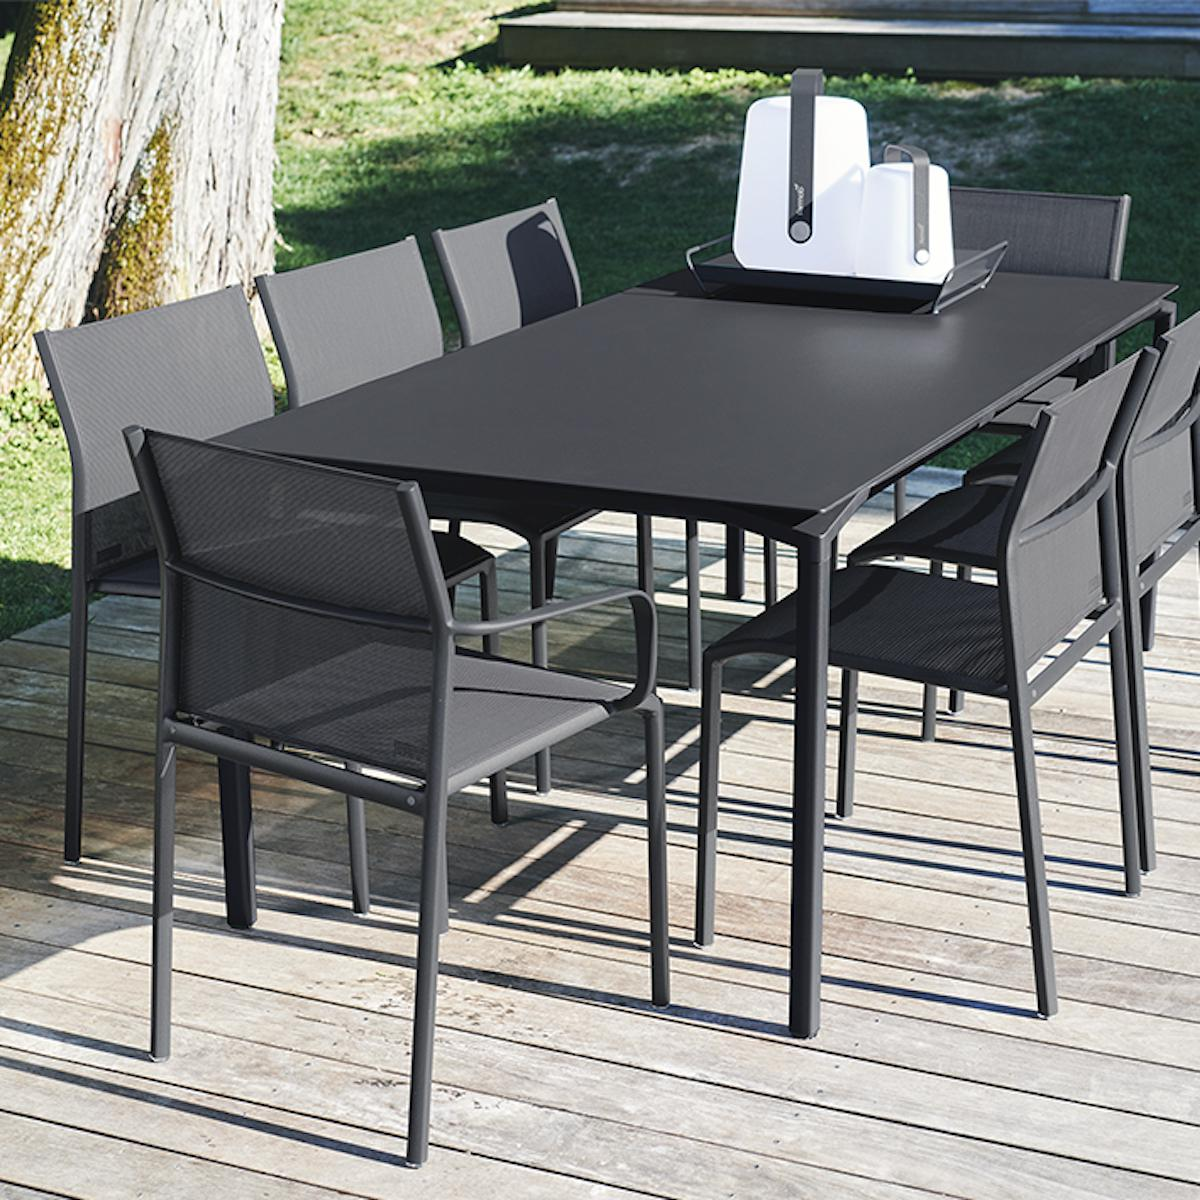 Table 95x195cm CALVI Fermob gris carbone